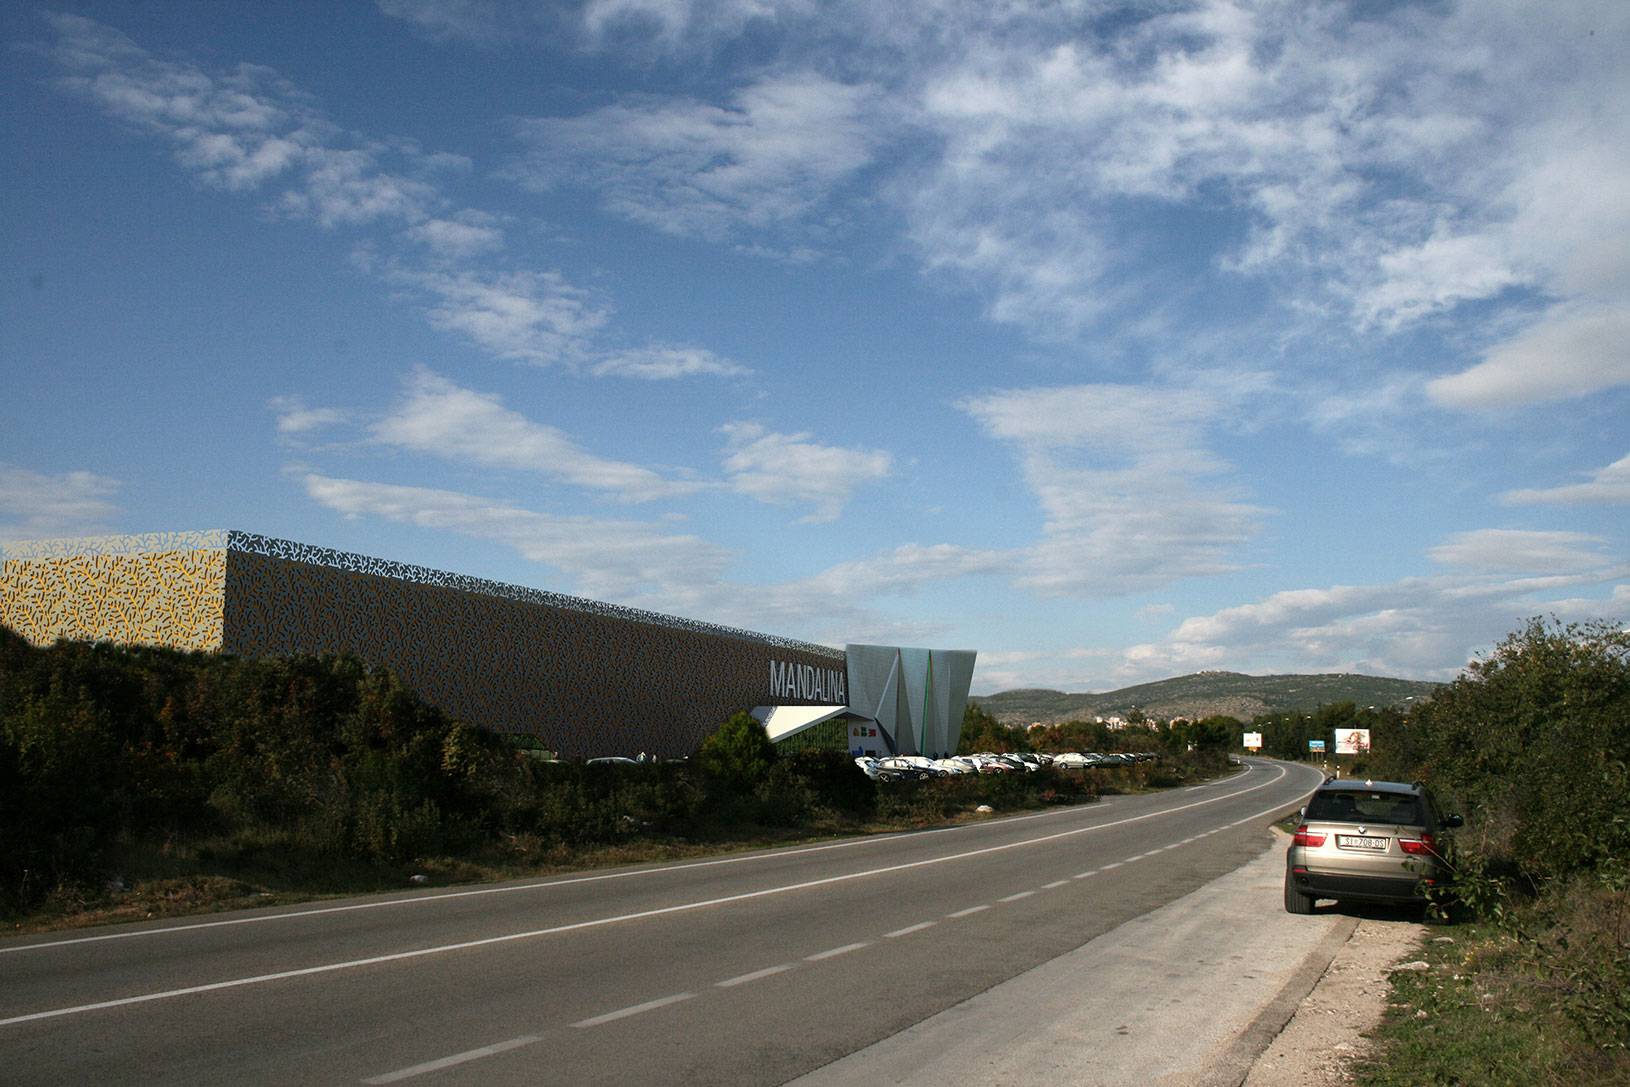 Mandalina trgovački centar, UPI-2M